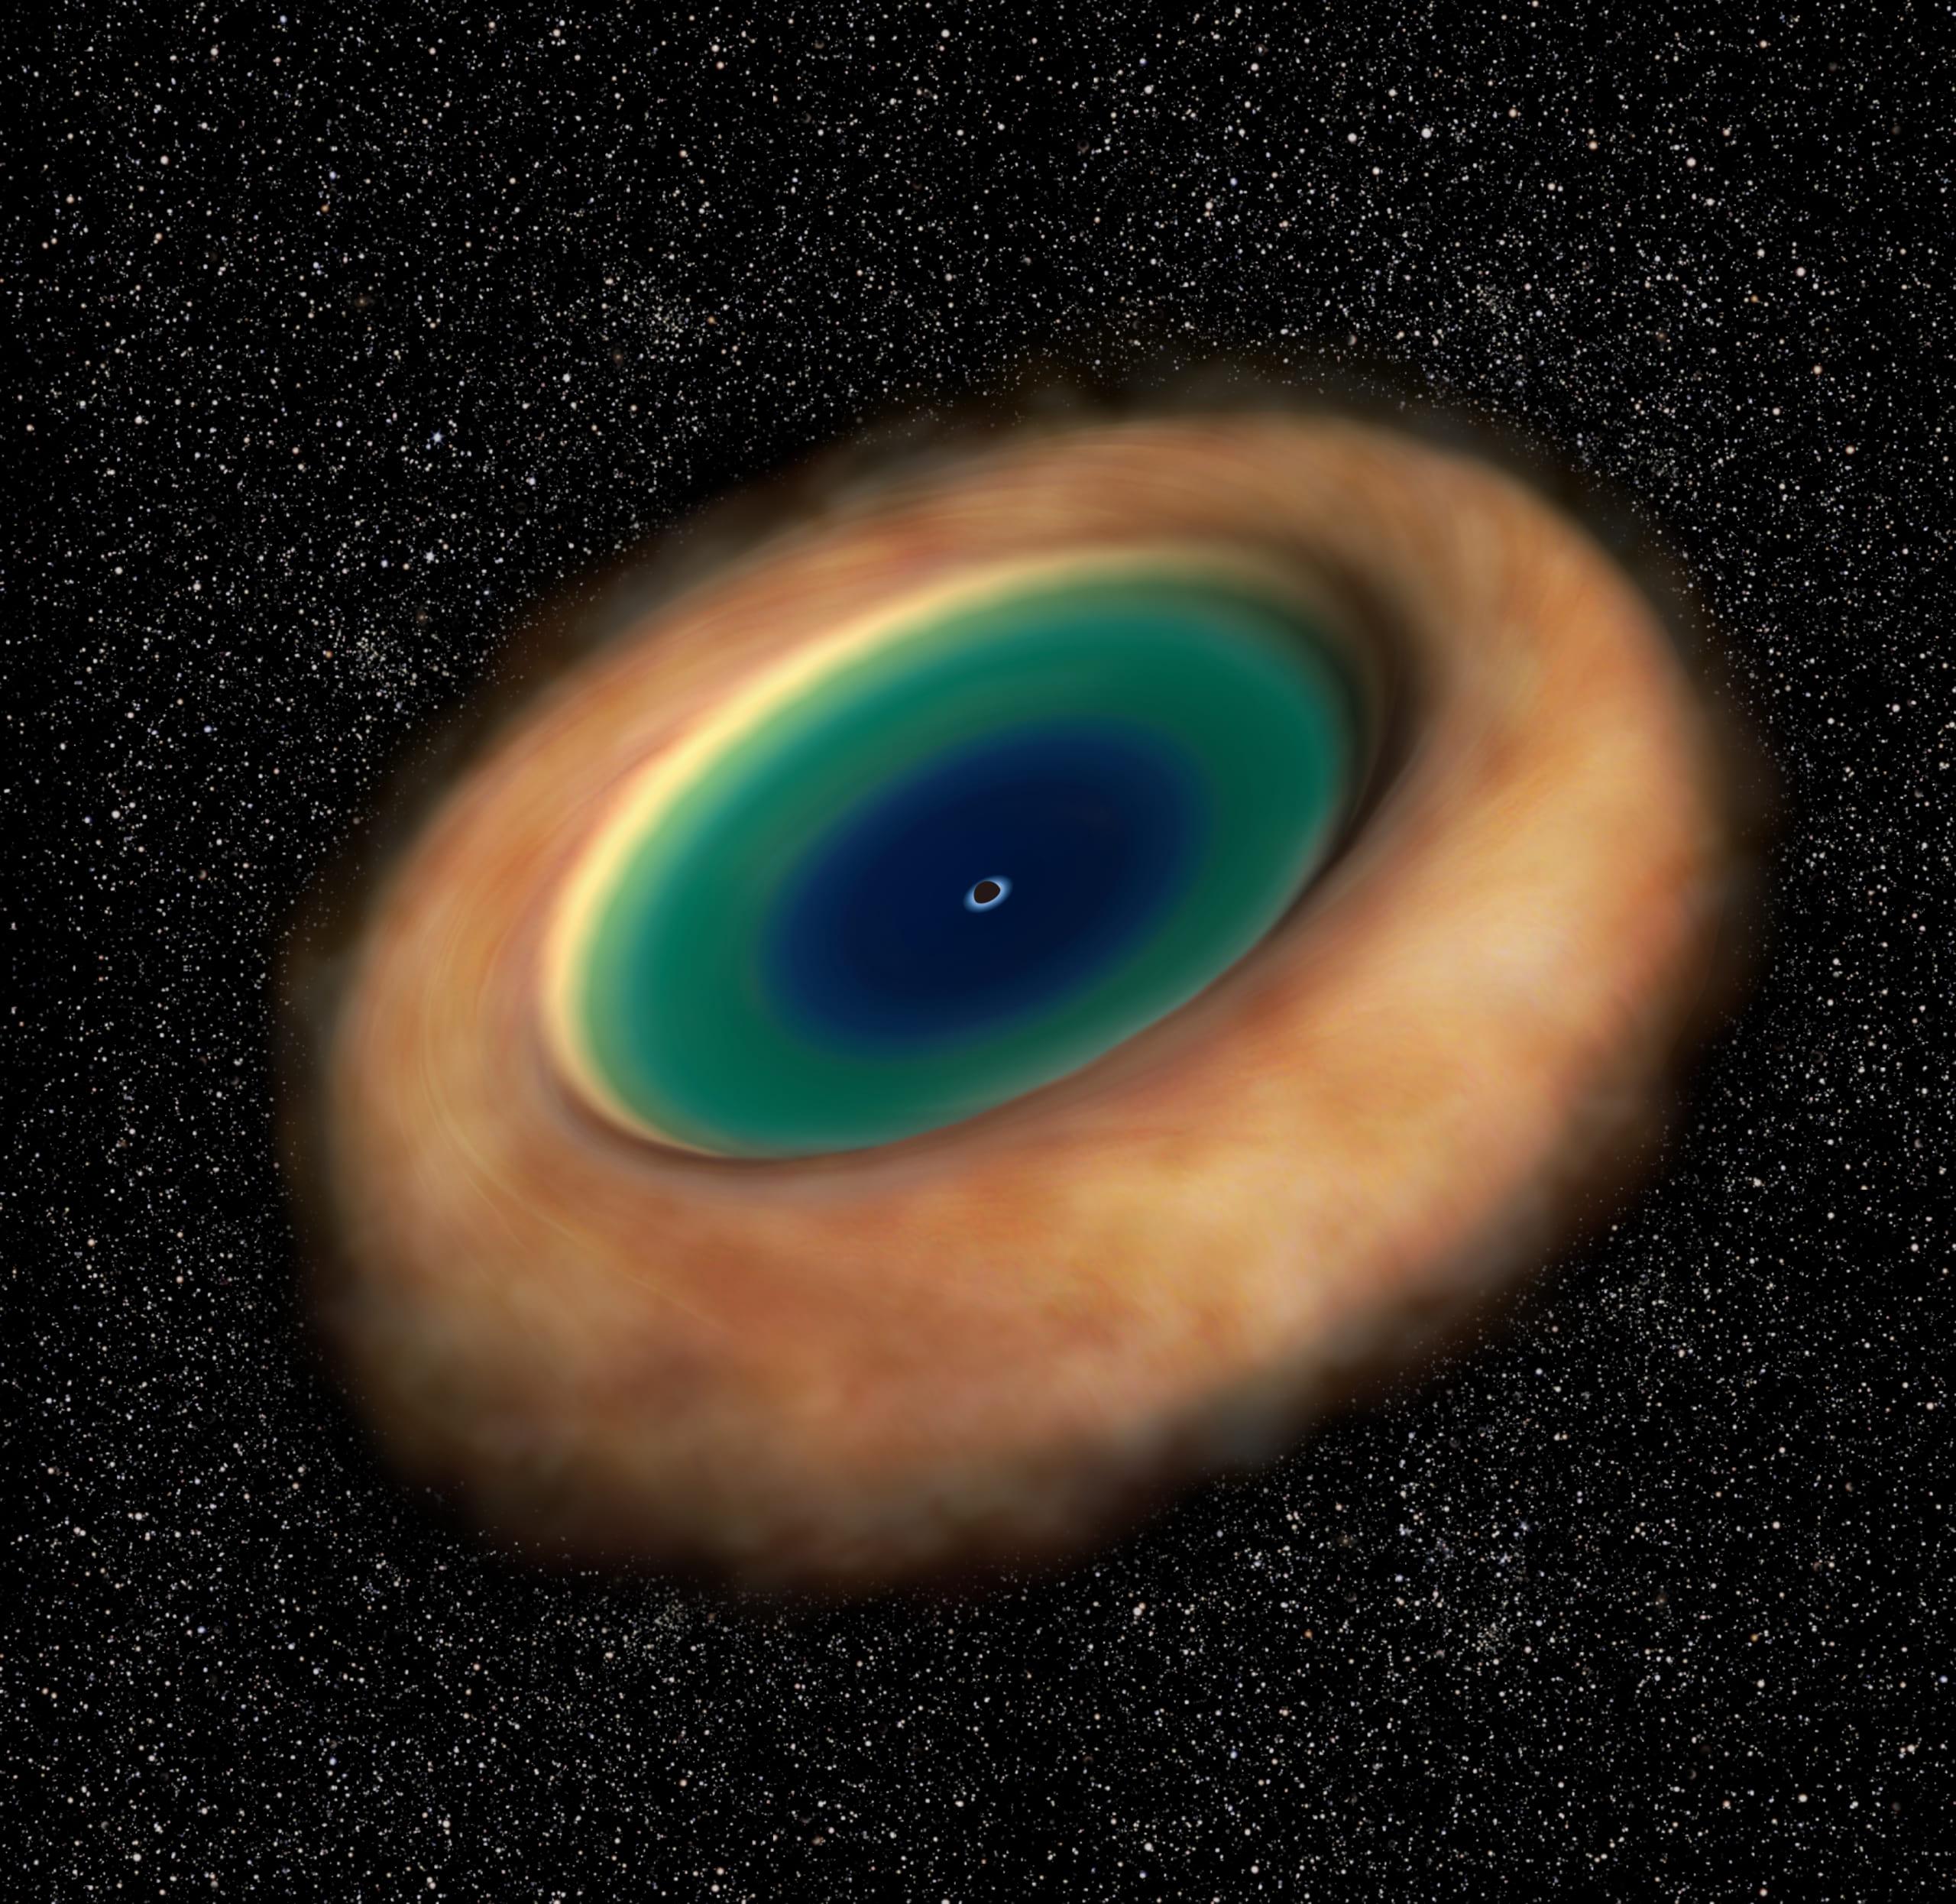 存在するはずがない? 謎のブラックホールが発見されるの画像 3/3